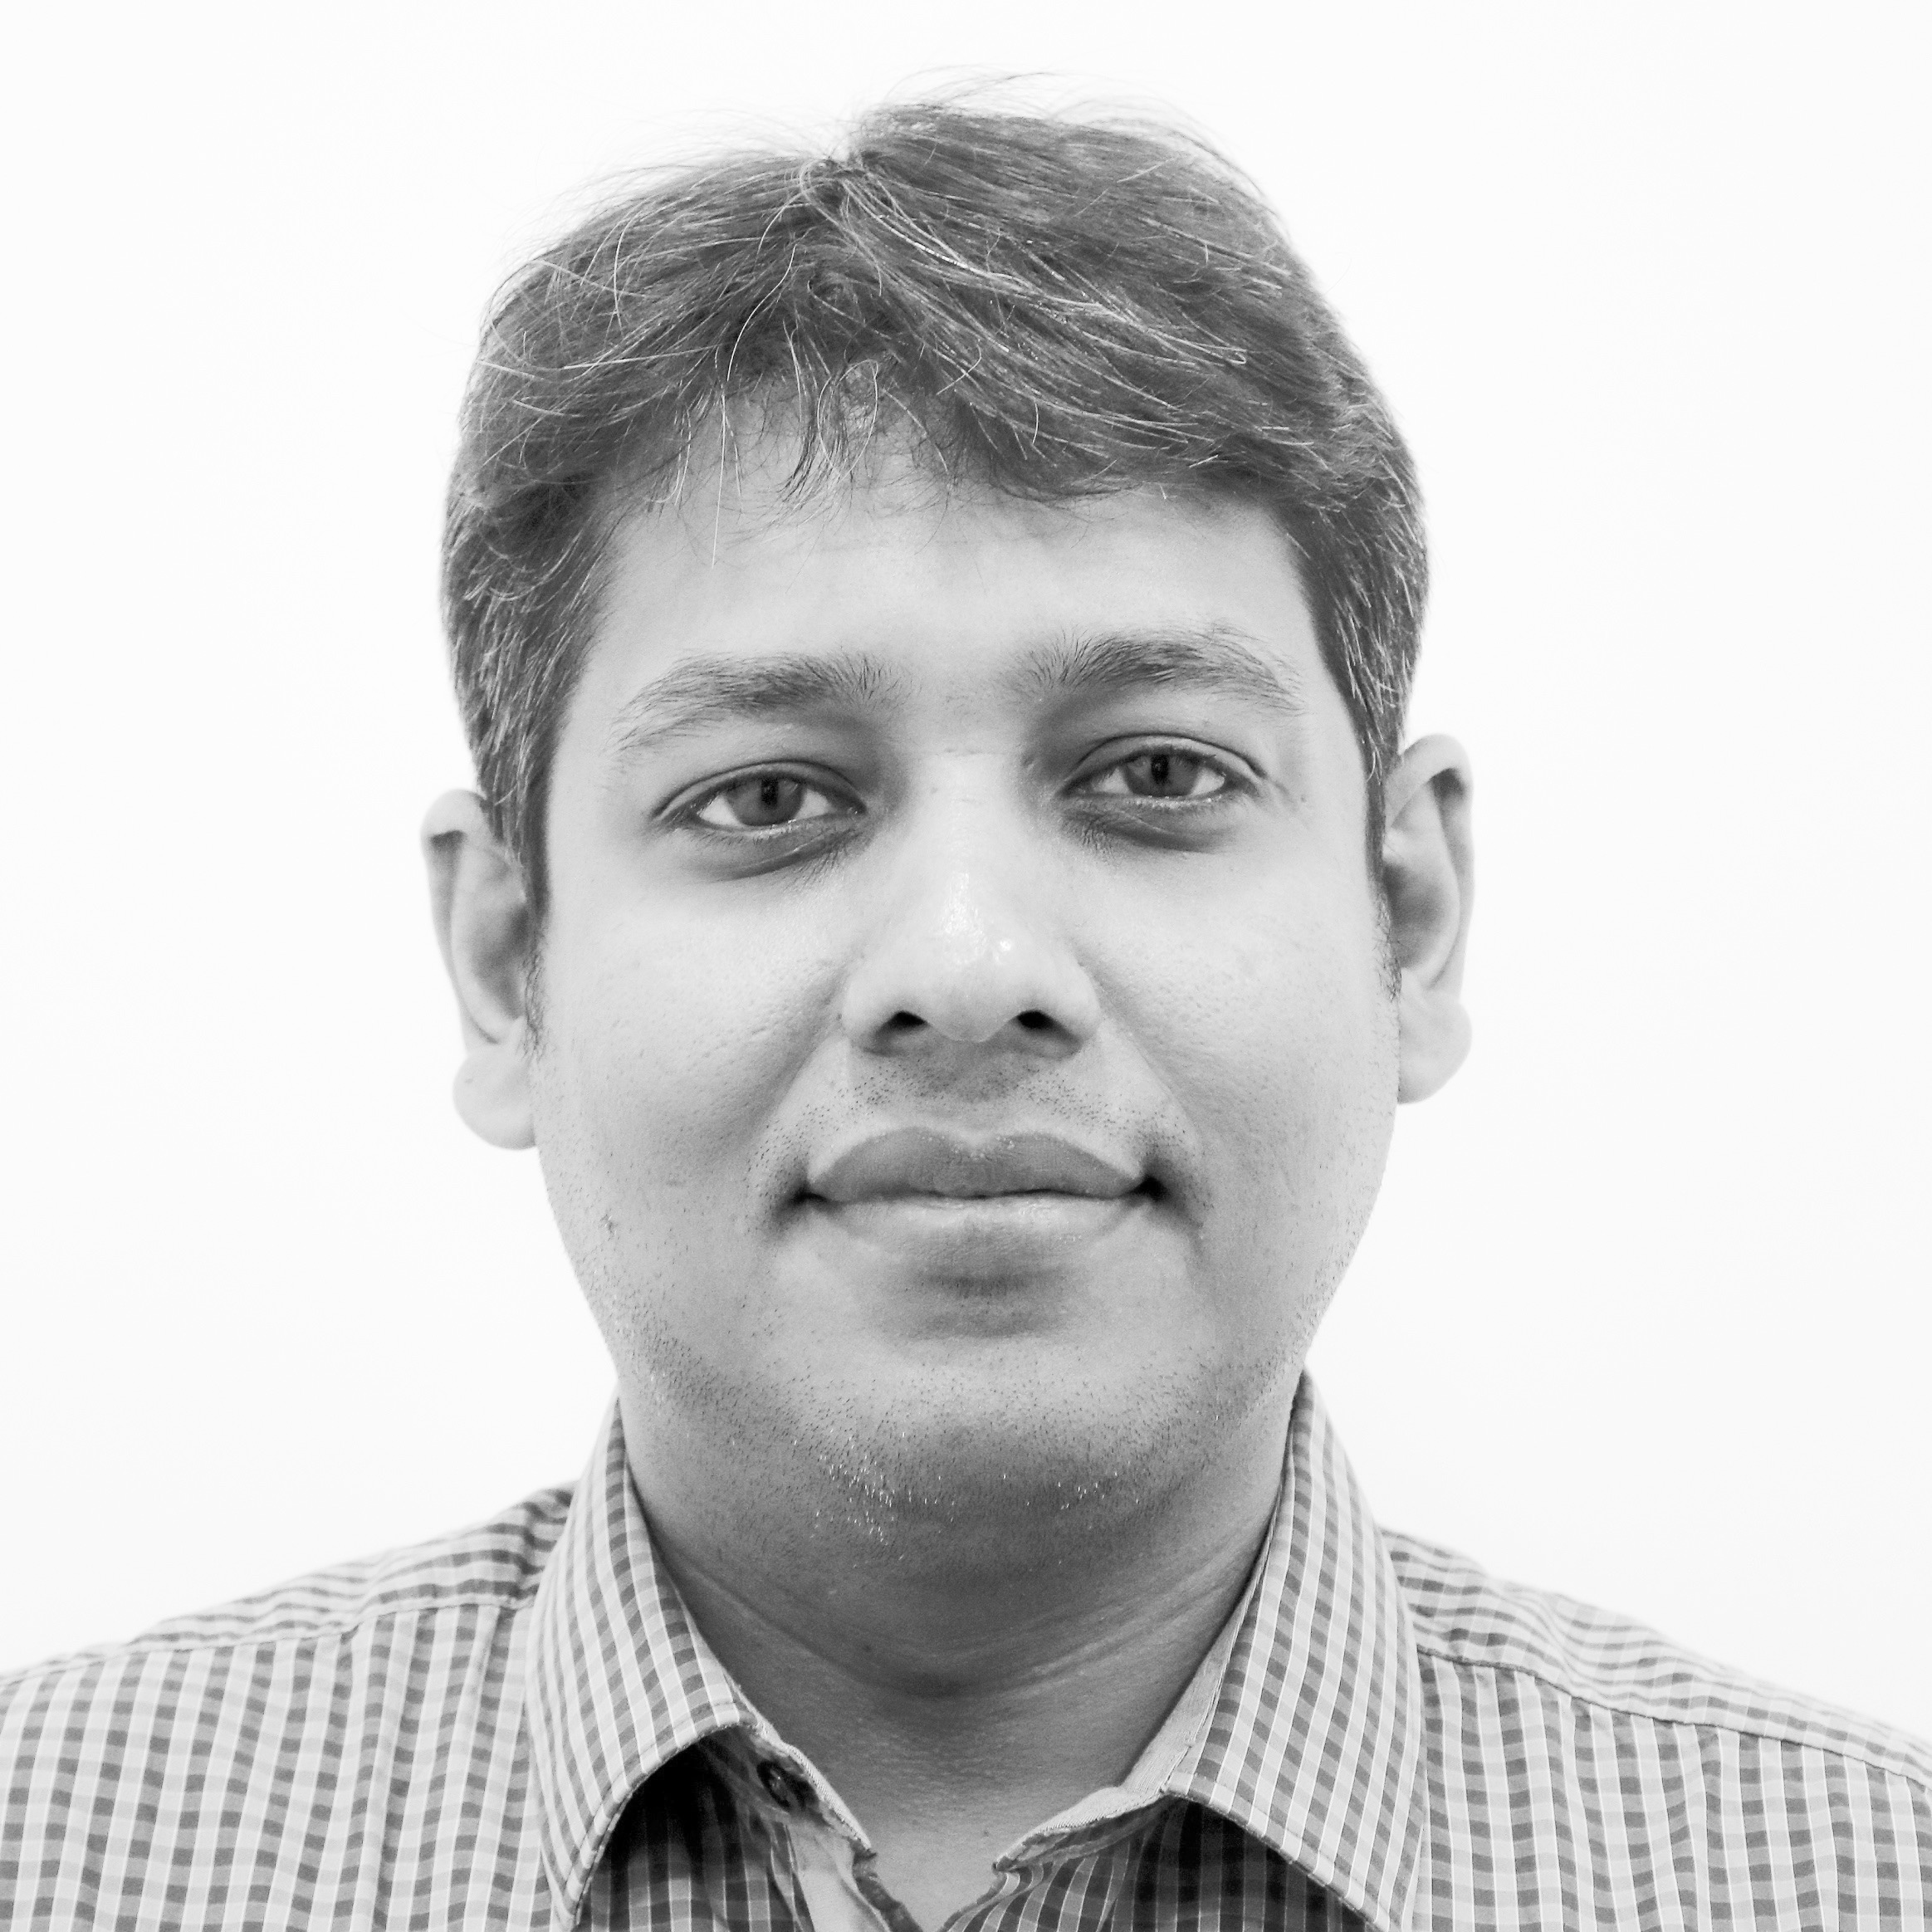 Mr Sumit Khandelwal